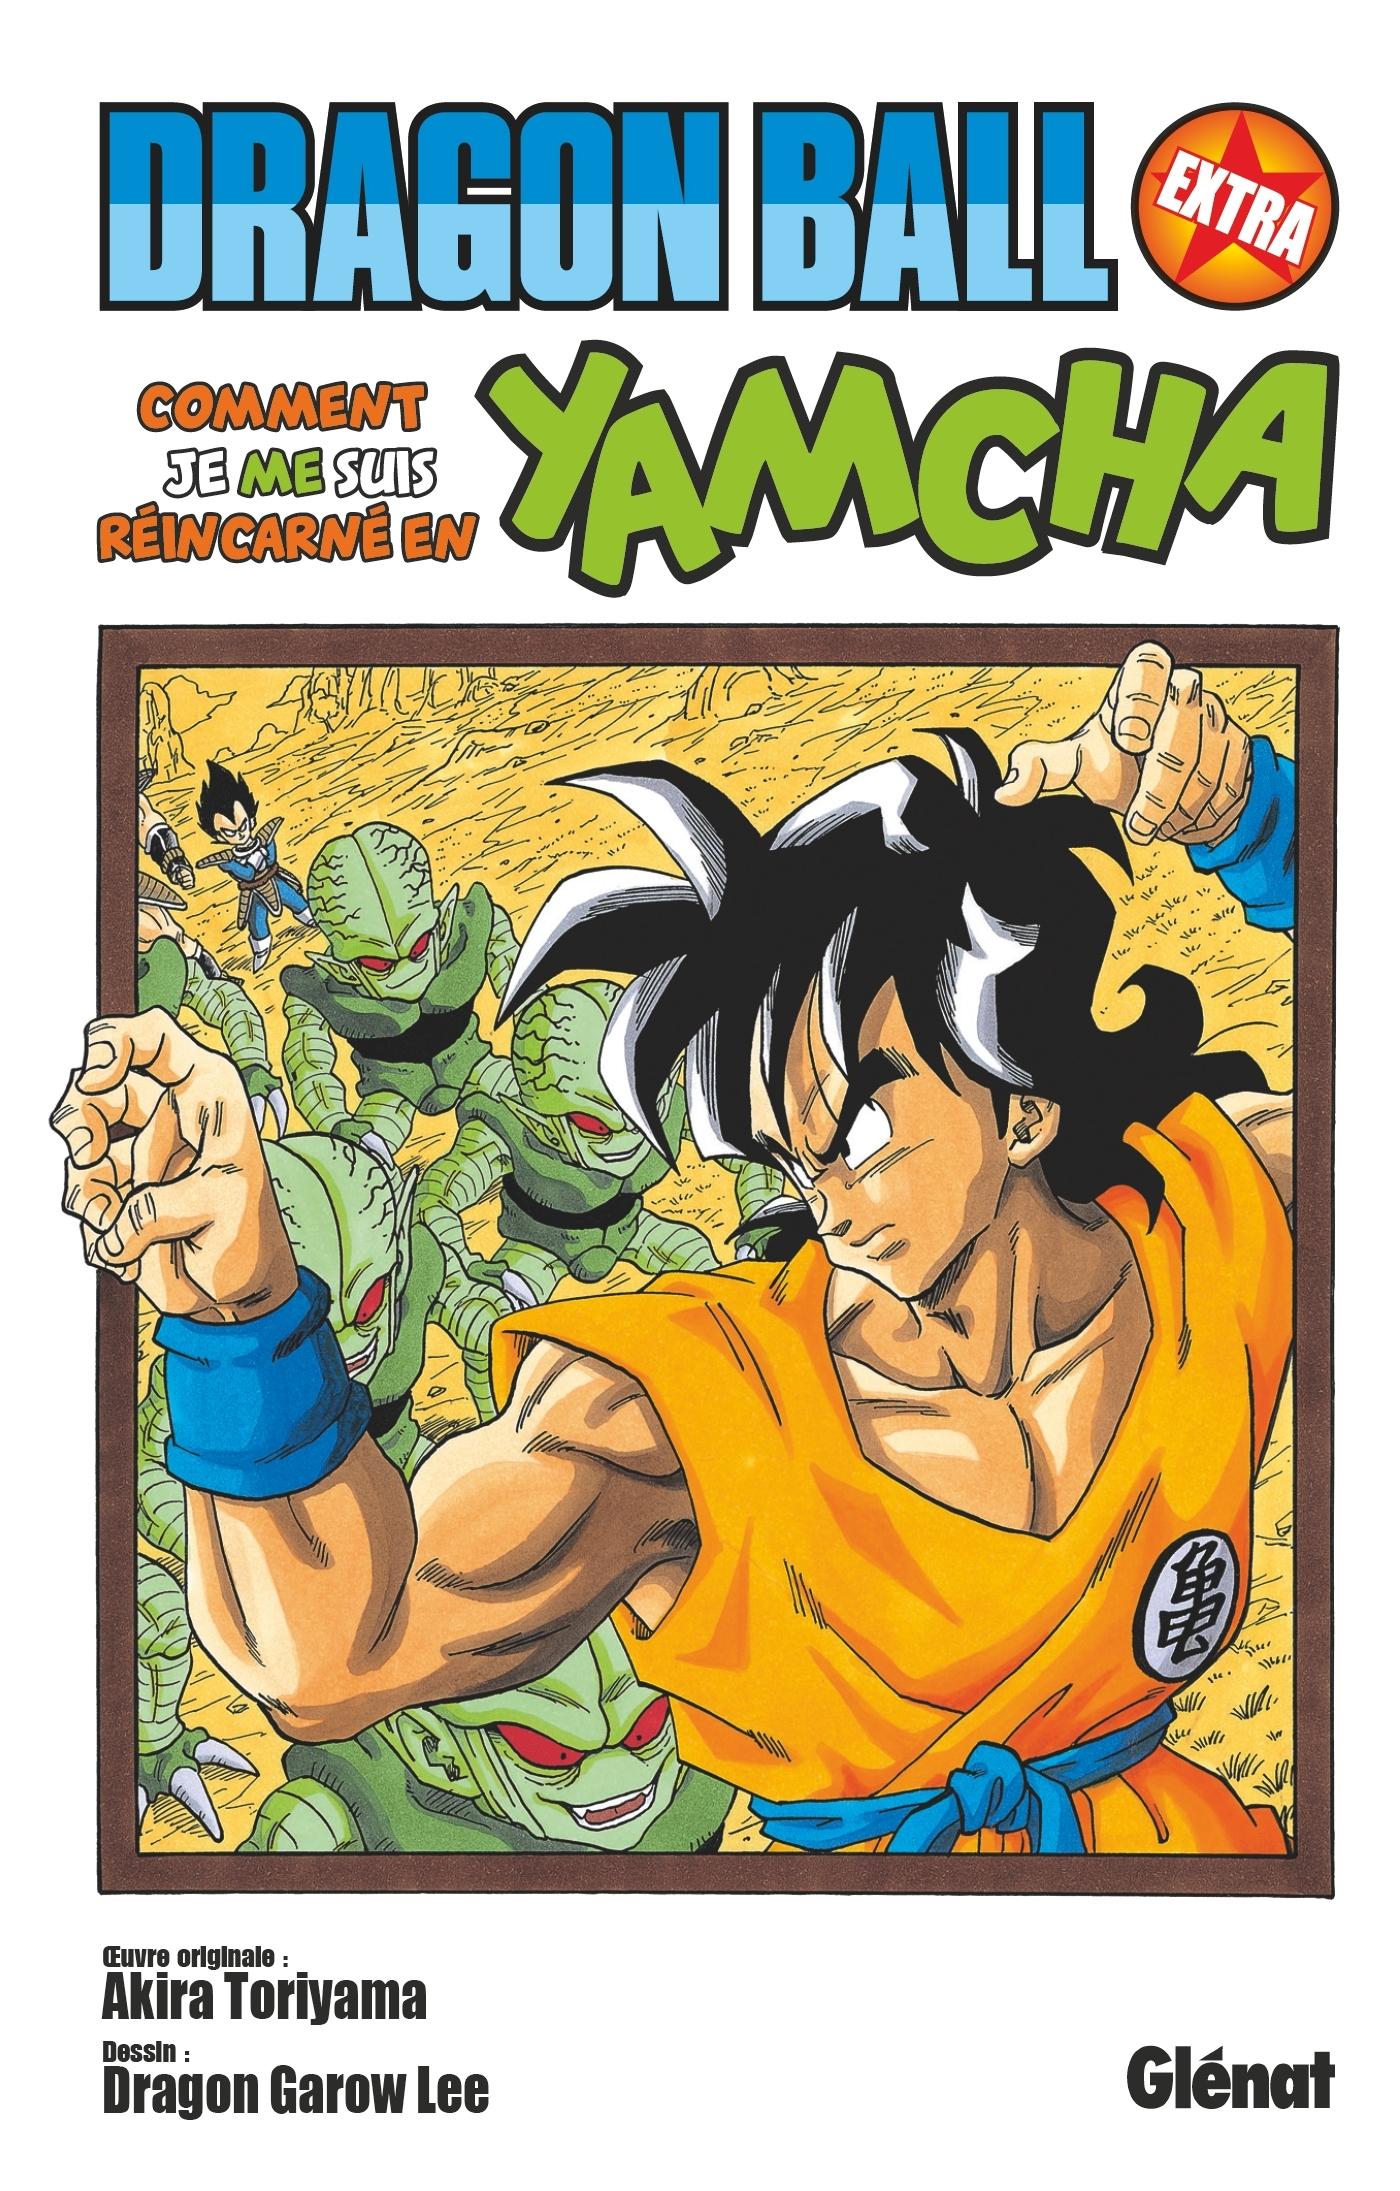 DRAGON BALL - EXTRA - DRAGON BALL (EDITION ORIGINALE) - COMMENT JE ME SUIS REINCARNE EN YAMCHA !